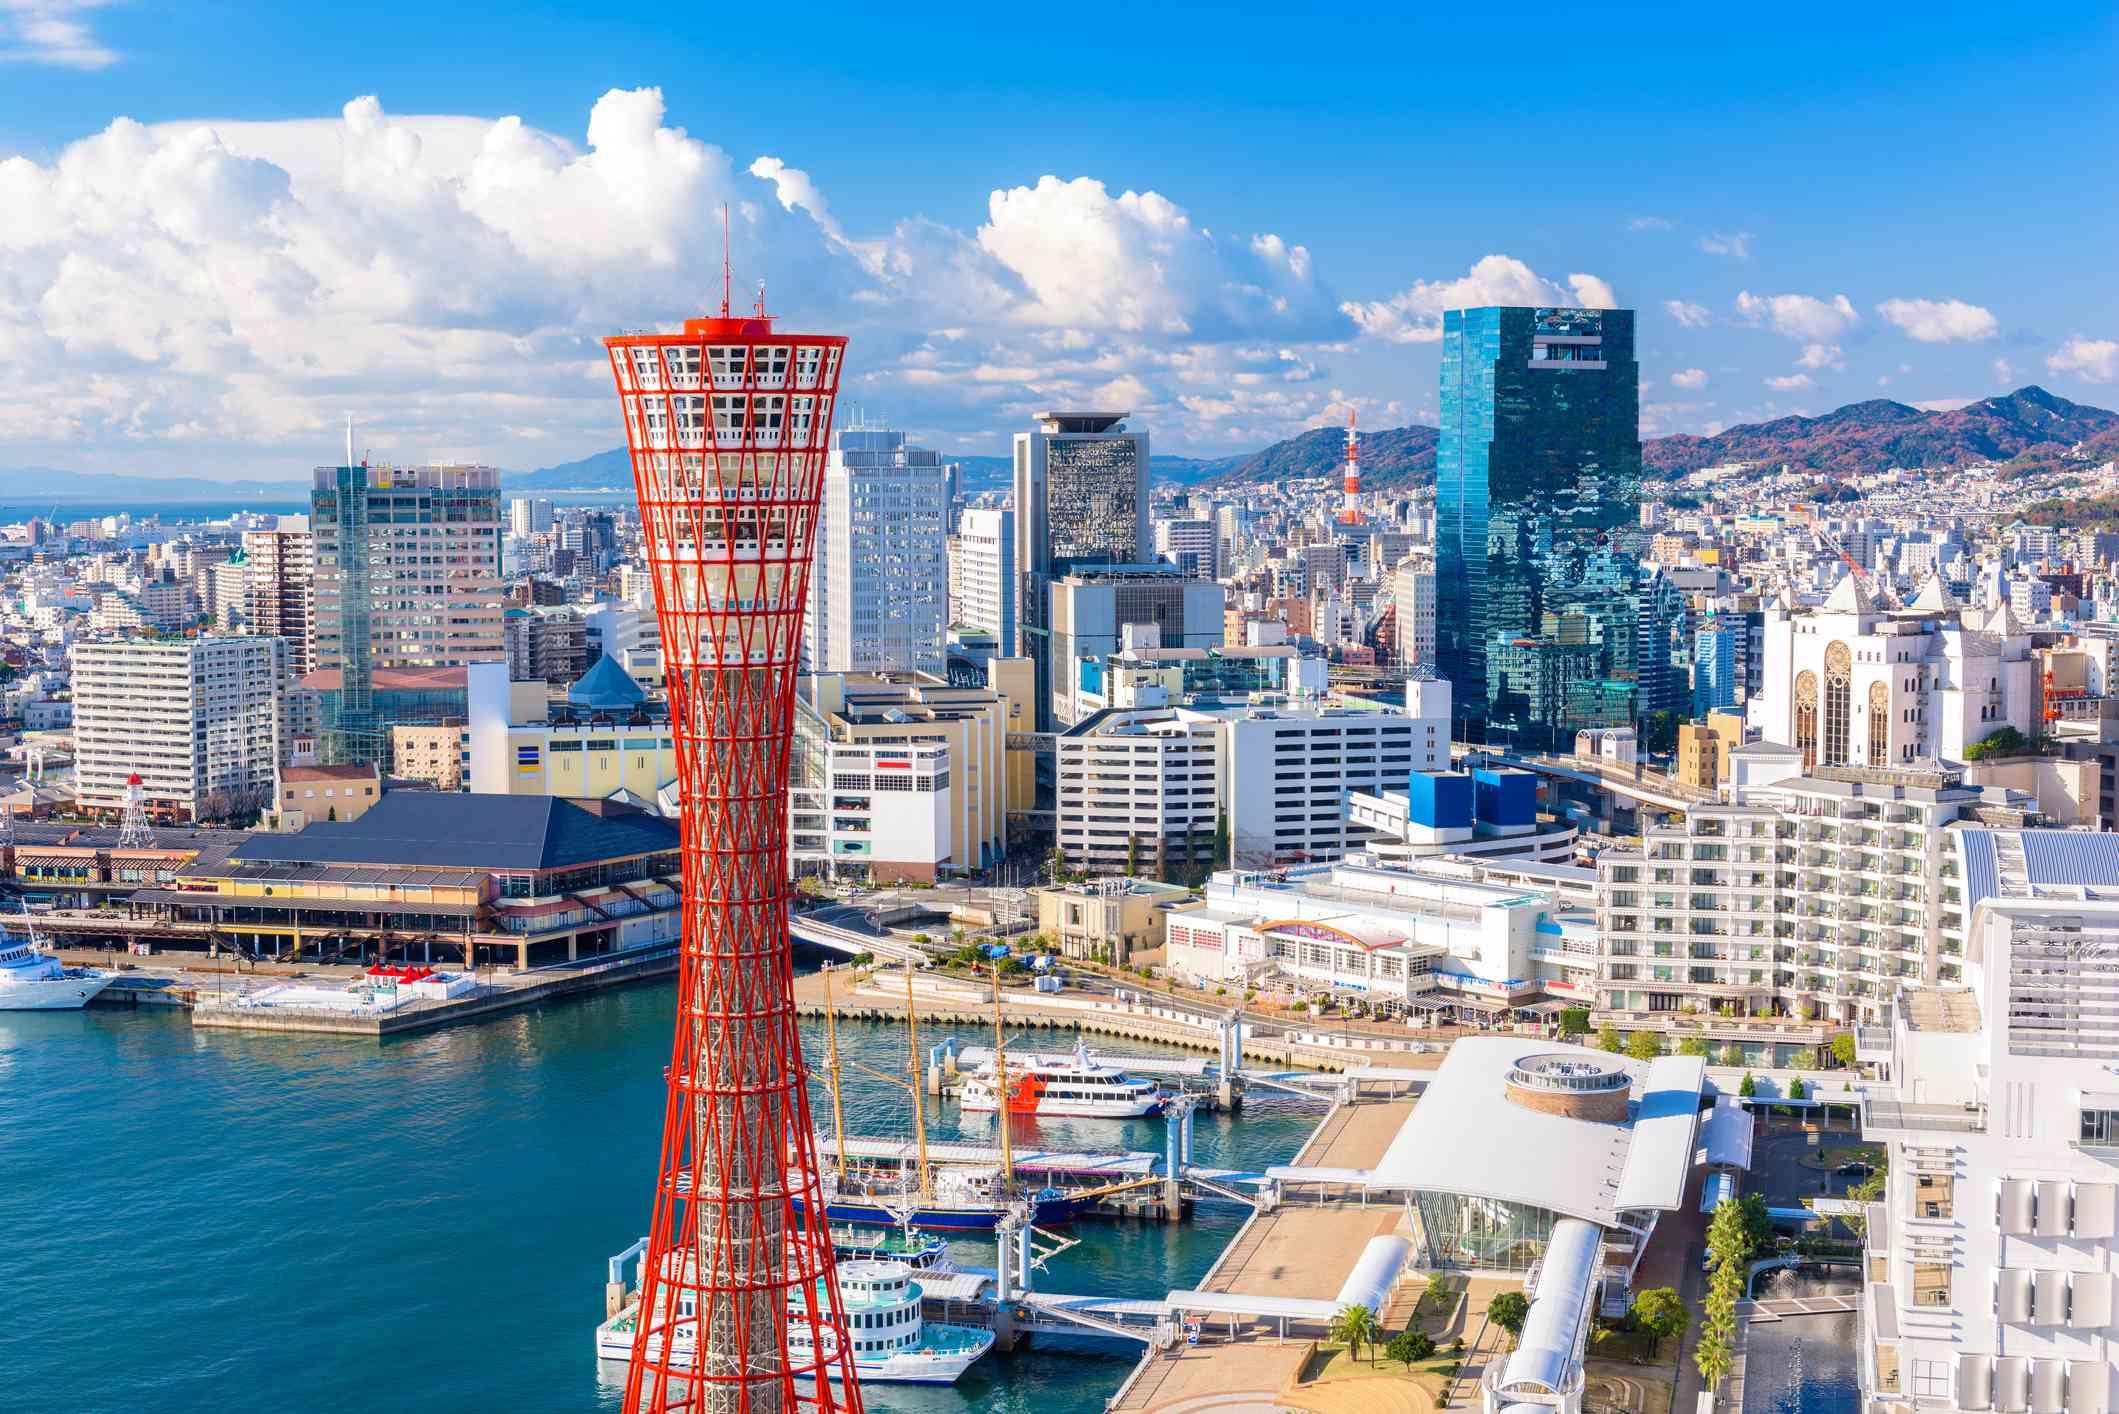 Kobe, Japan skyline at the port.